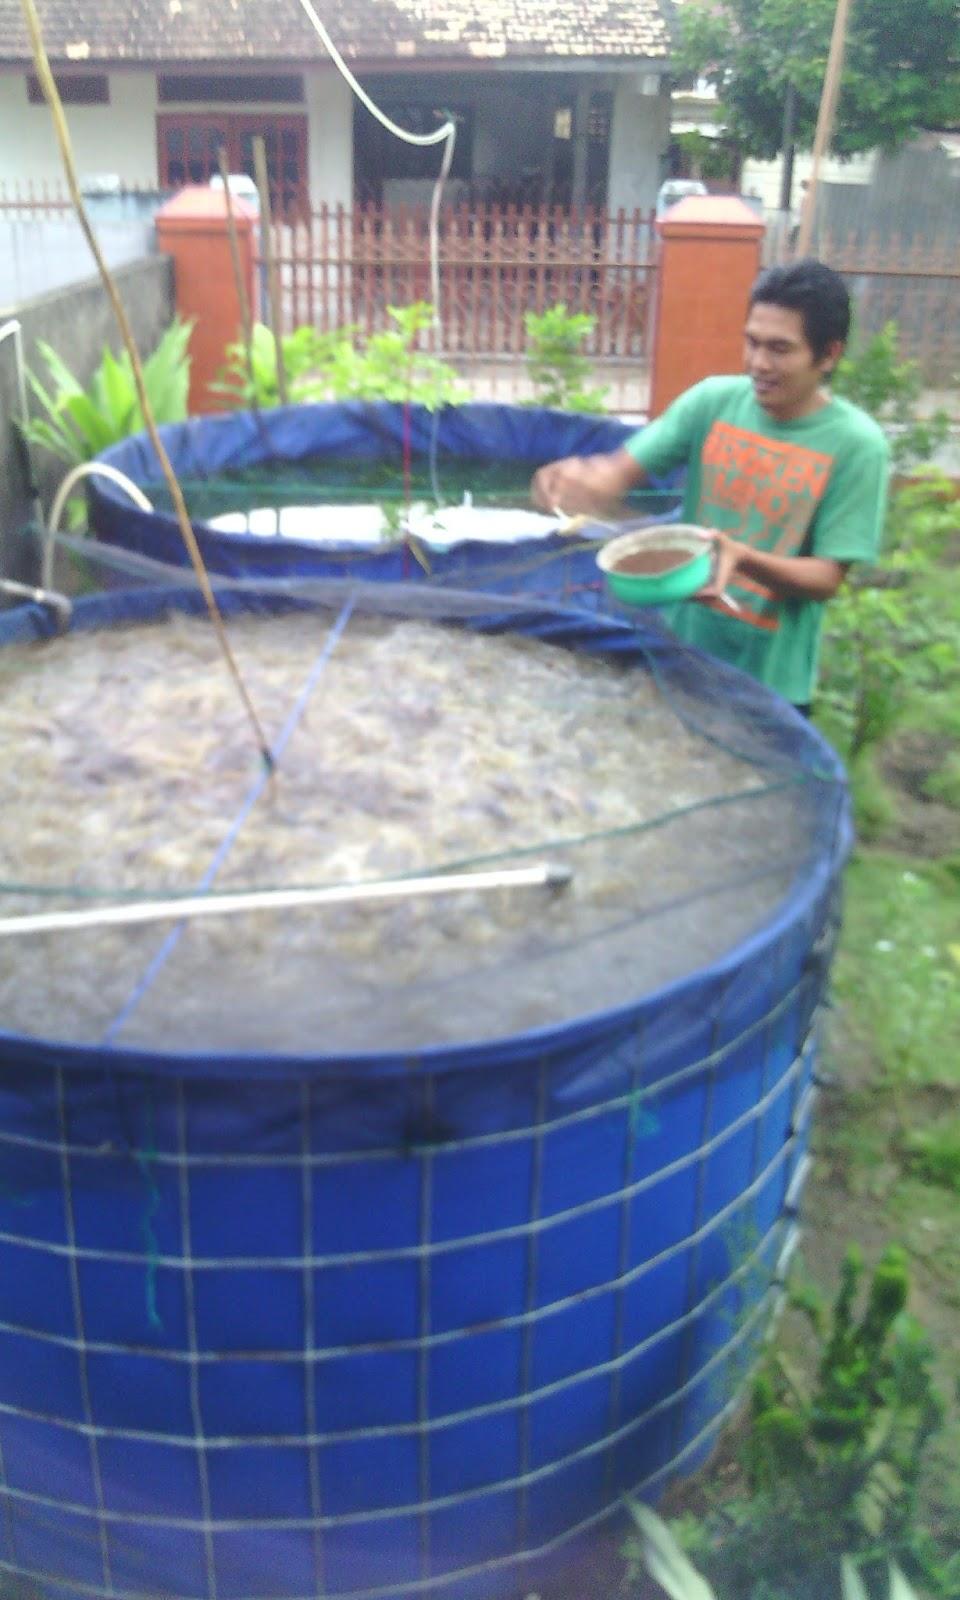 Budidaya Ikan Gurame Di Kolam Terpal : budidaya, gurame, kolam, terpal, Keunggulan, Kolam, Terpal, Bundar, Palembang